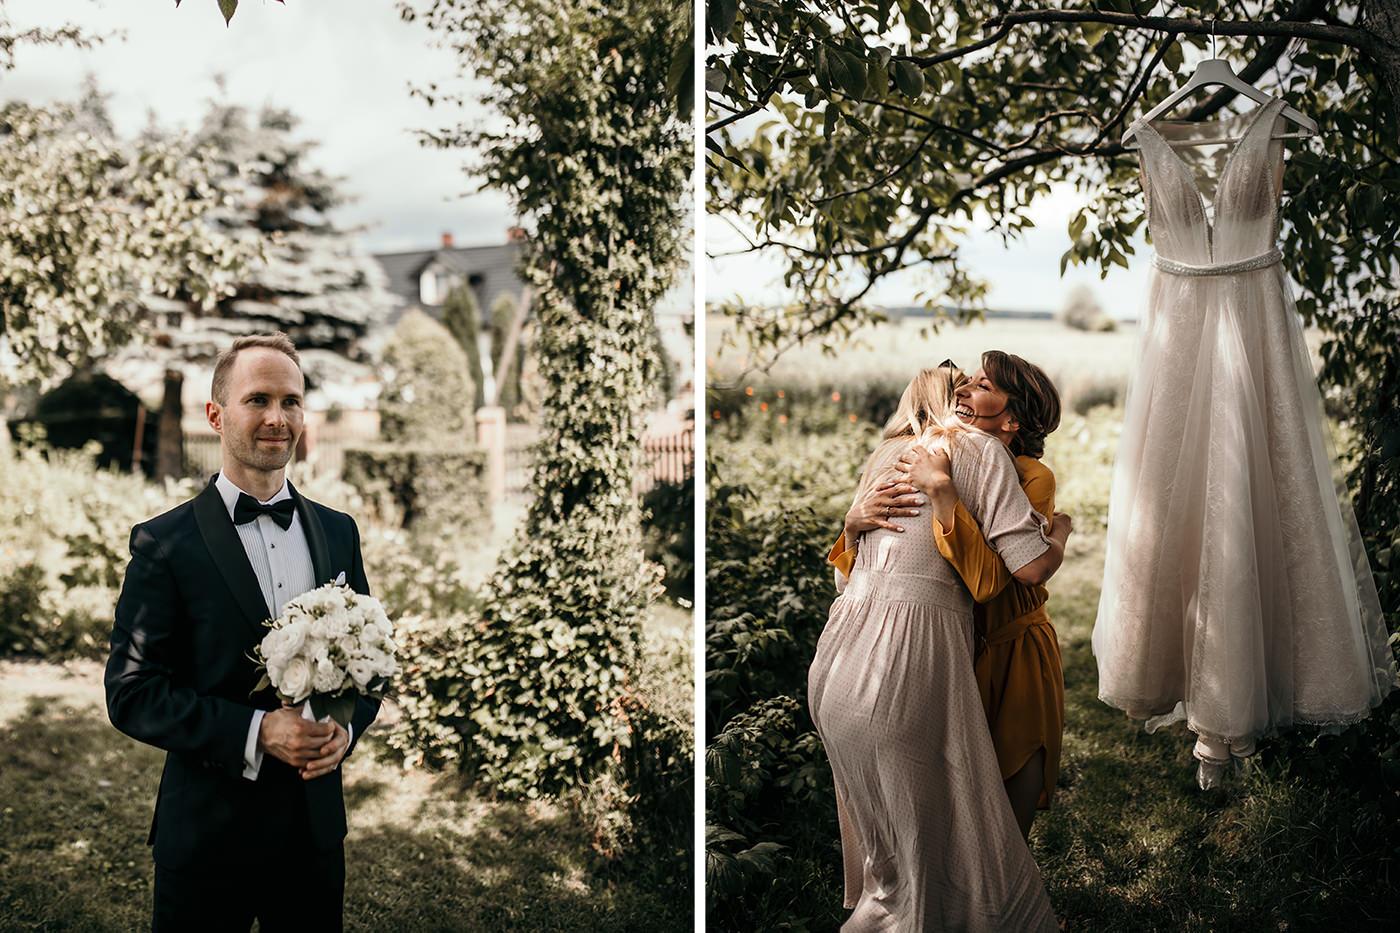 Rustykalne wesele - Magnoliowy Dwór 19